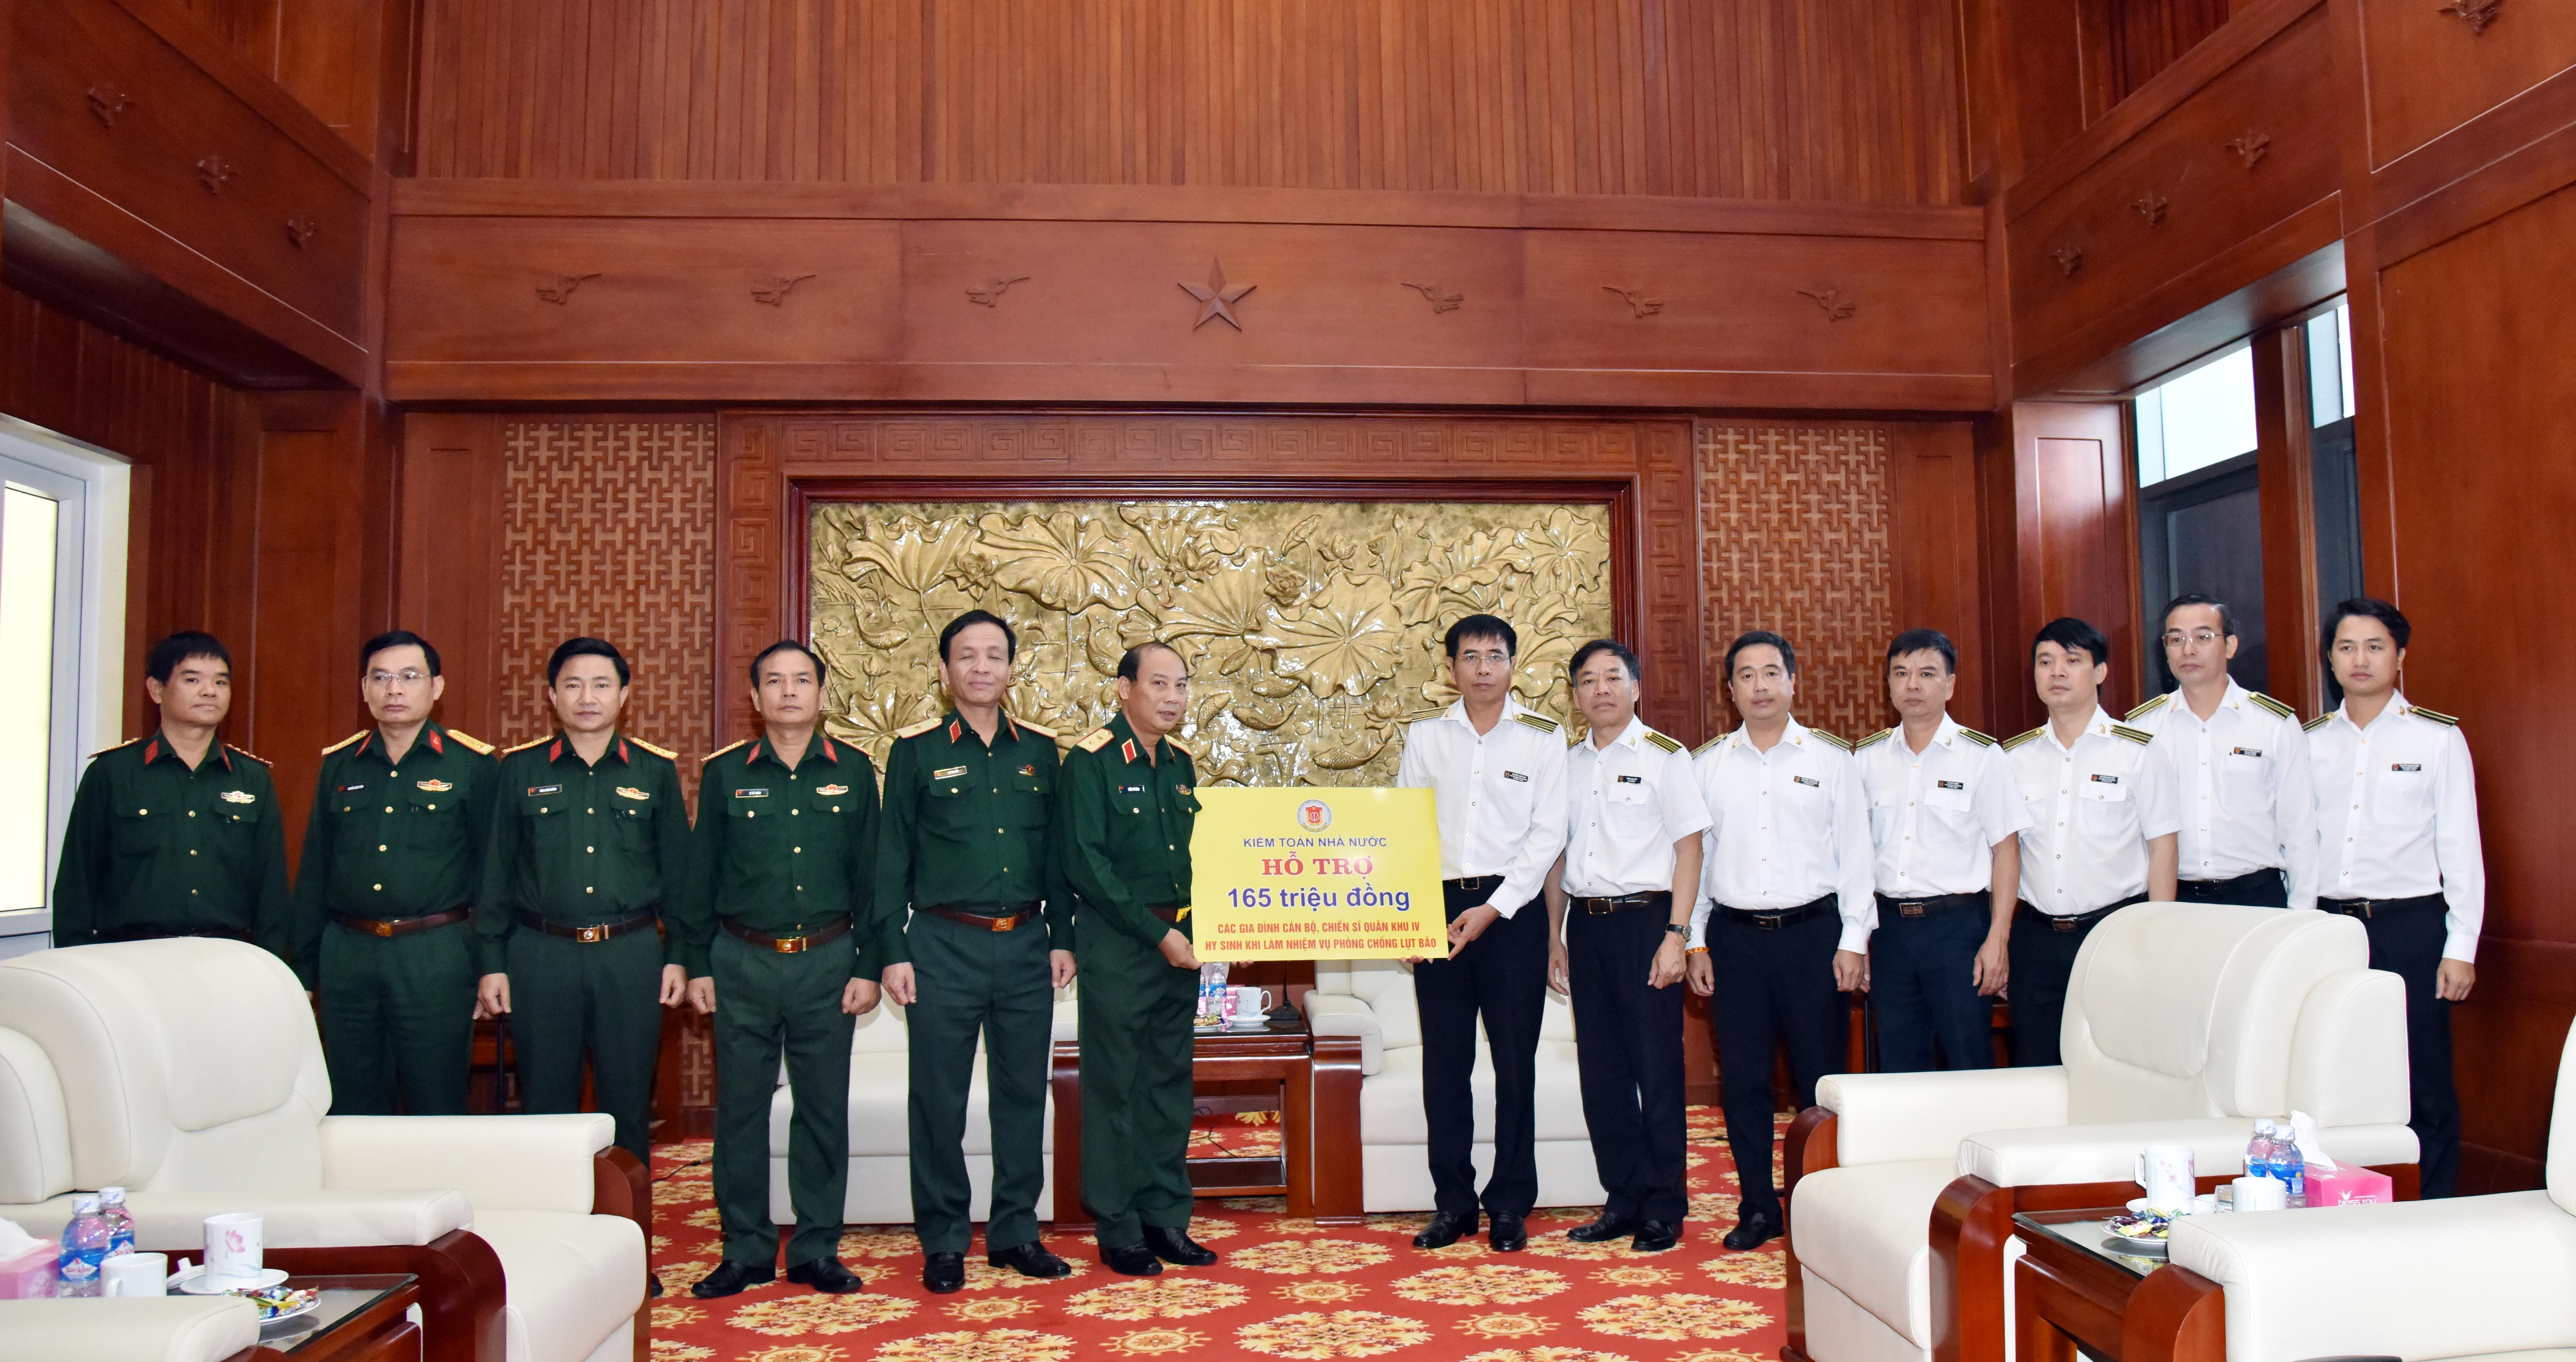 Đoàn công tác của Kiểm toán Nhà nước thăm, tri ân những đóng góp, hy sinh của cán bộ, chiến sĩ Bộ tư lệnh Quân khu 4